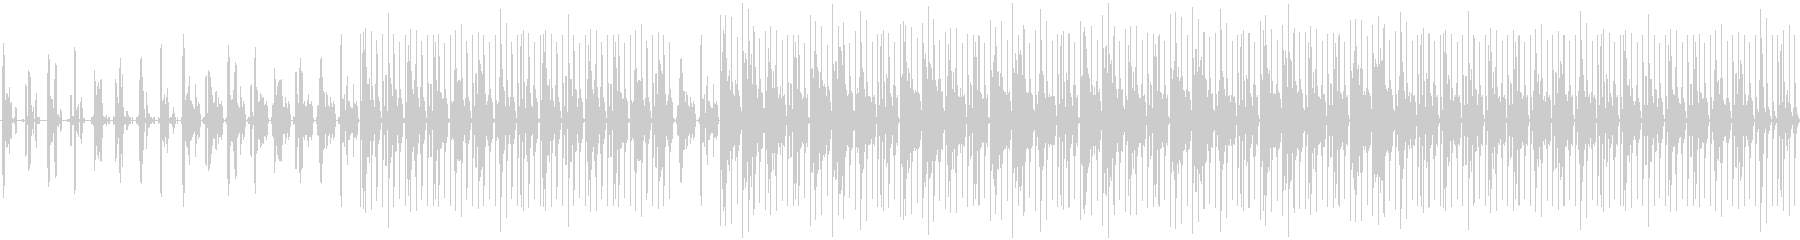 Deepなハウス系のループの未再生の波形